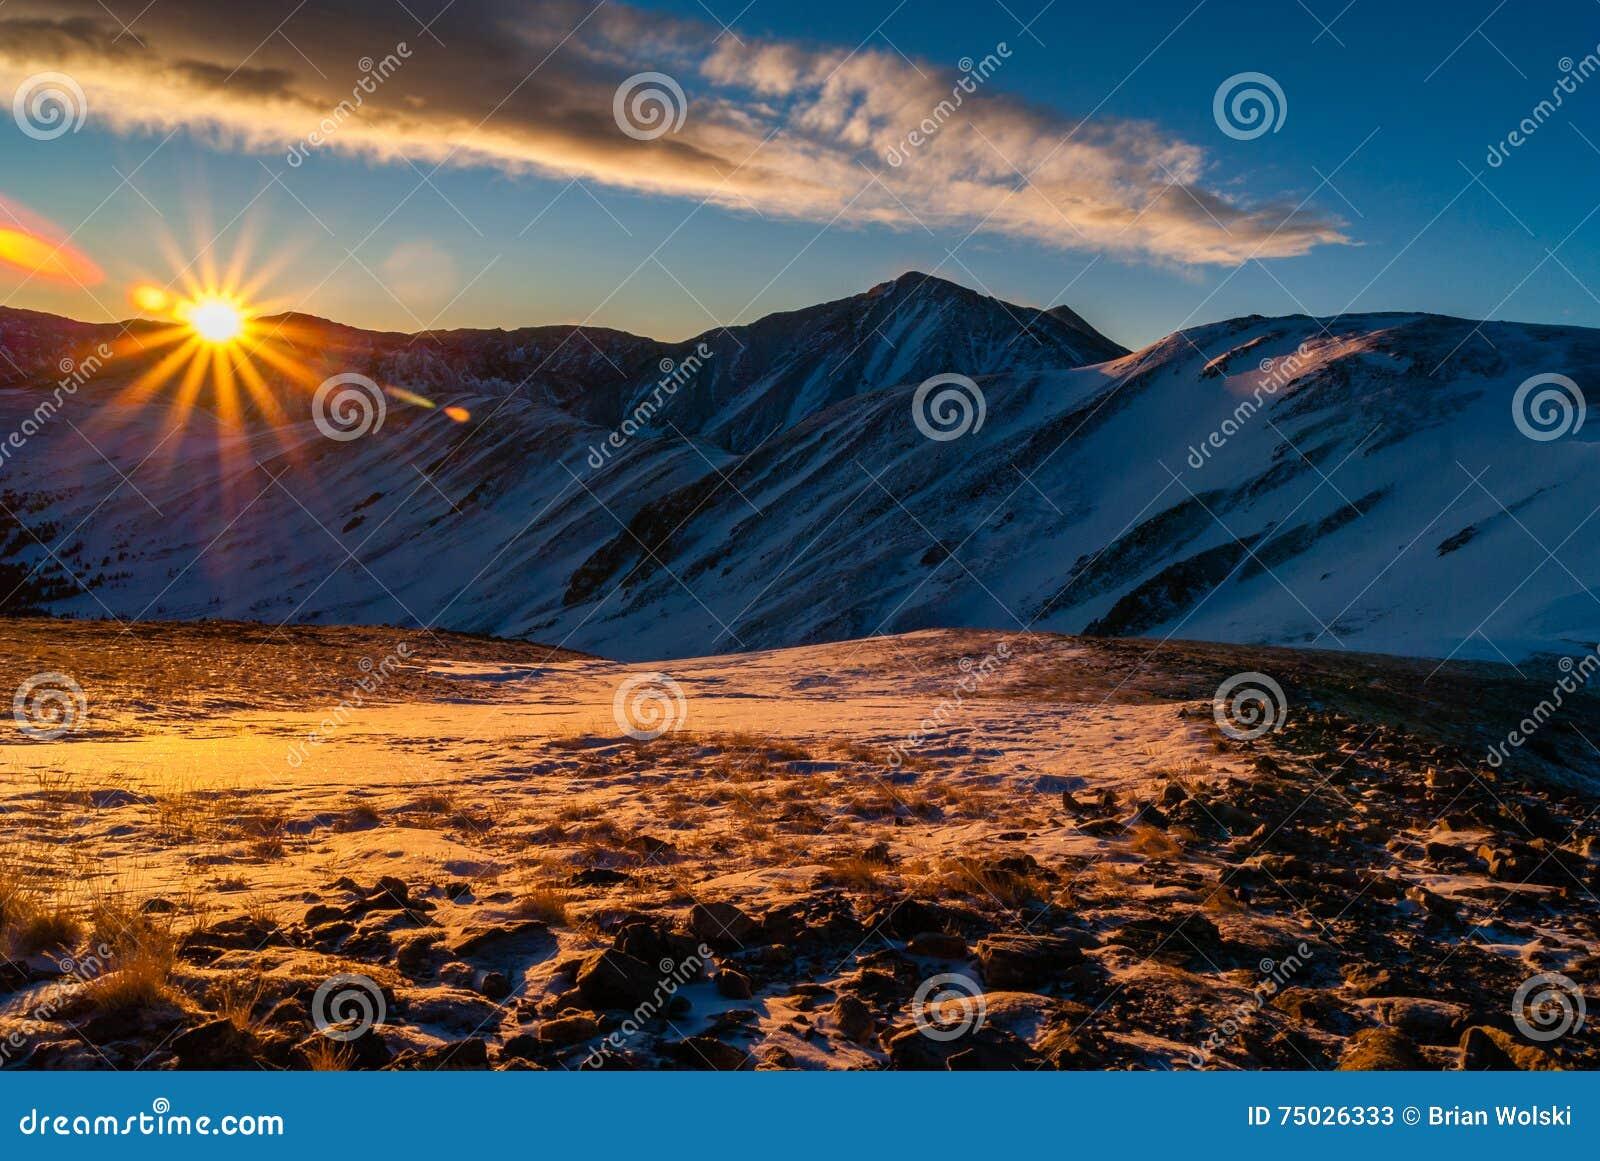 Salida del sol sobre el paso de Loveland